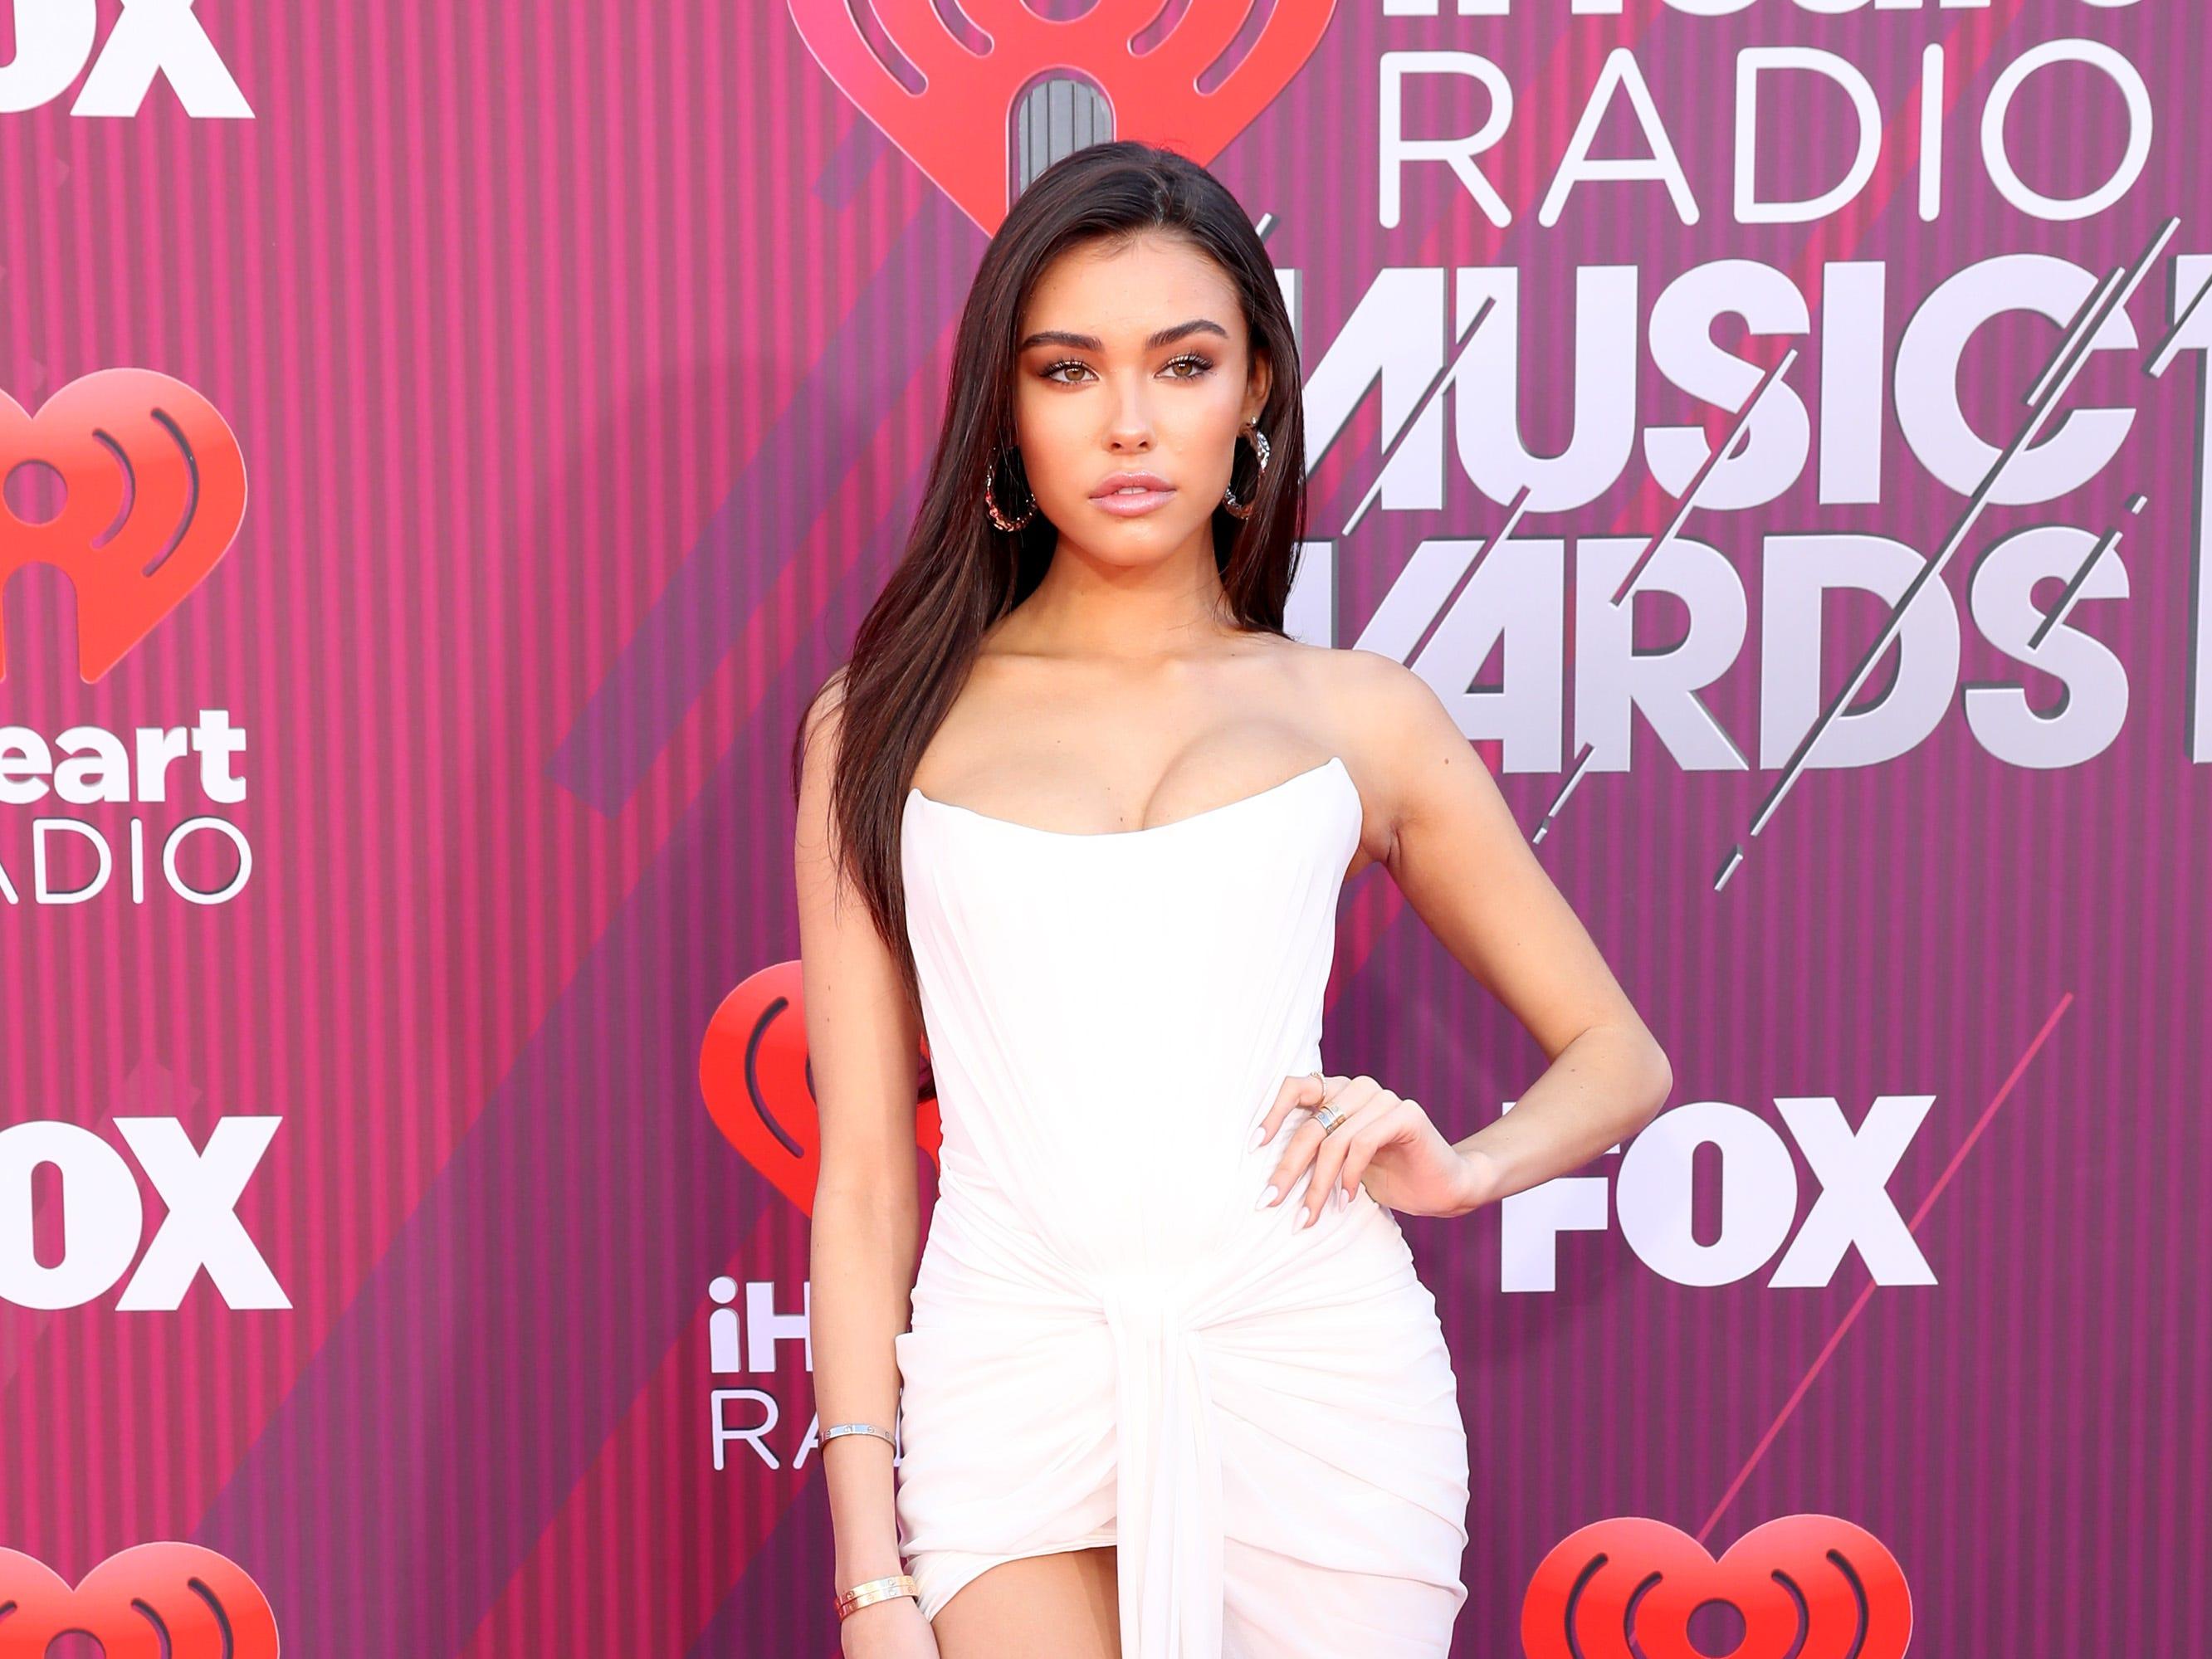 Madison Beer a su llegada a los premios iHeart Radio Music Awards en 2019 el 14 de marzo de 2019 en Los Angeles, California.